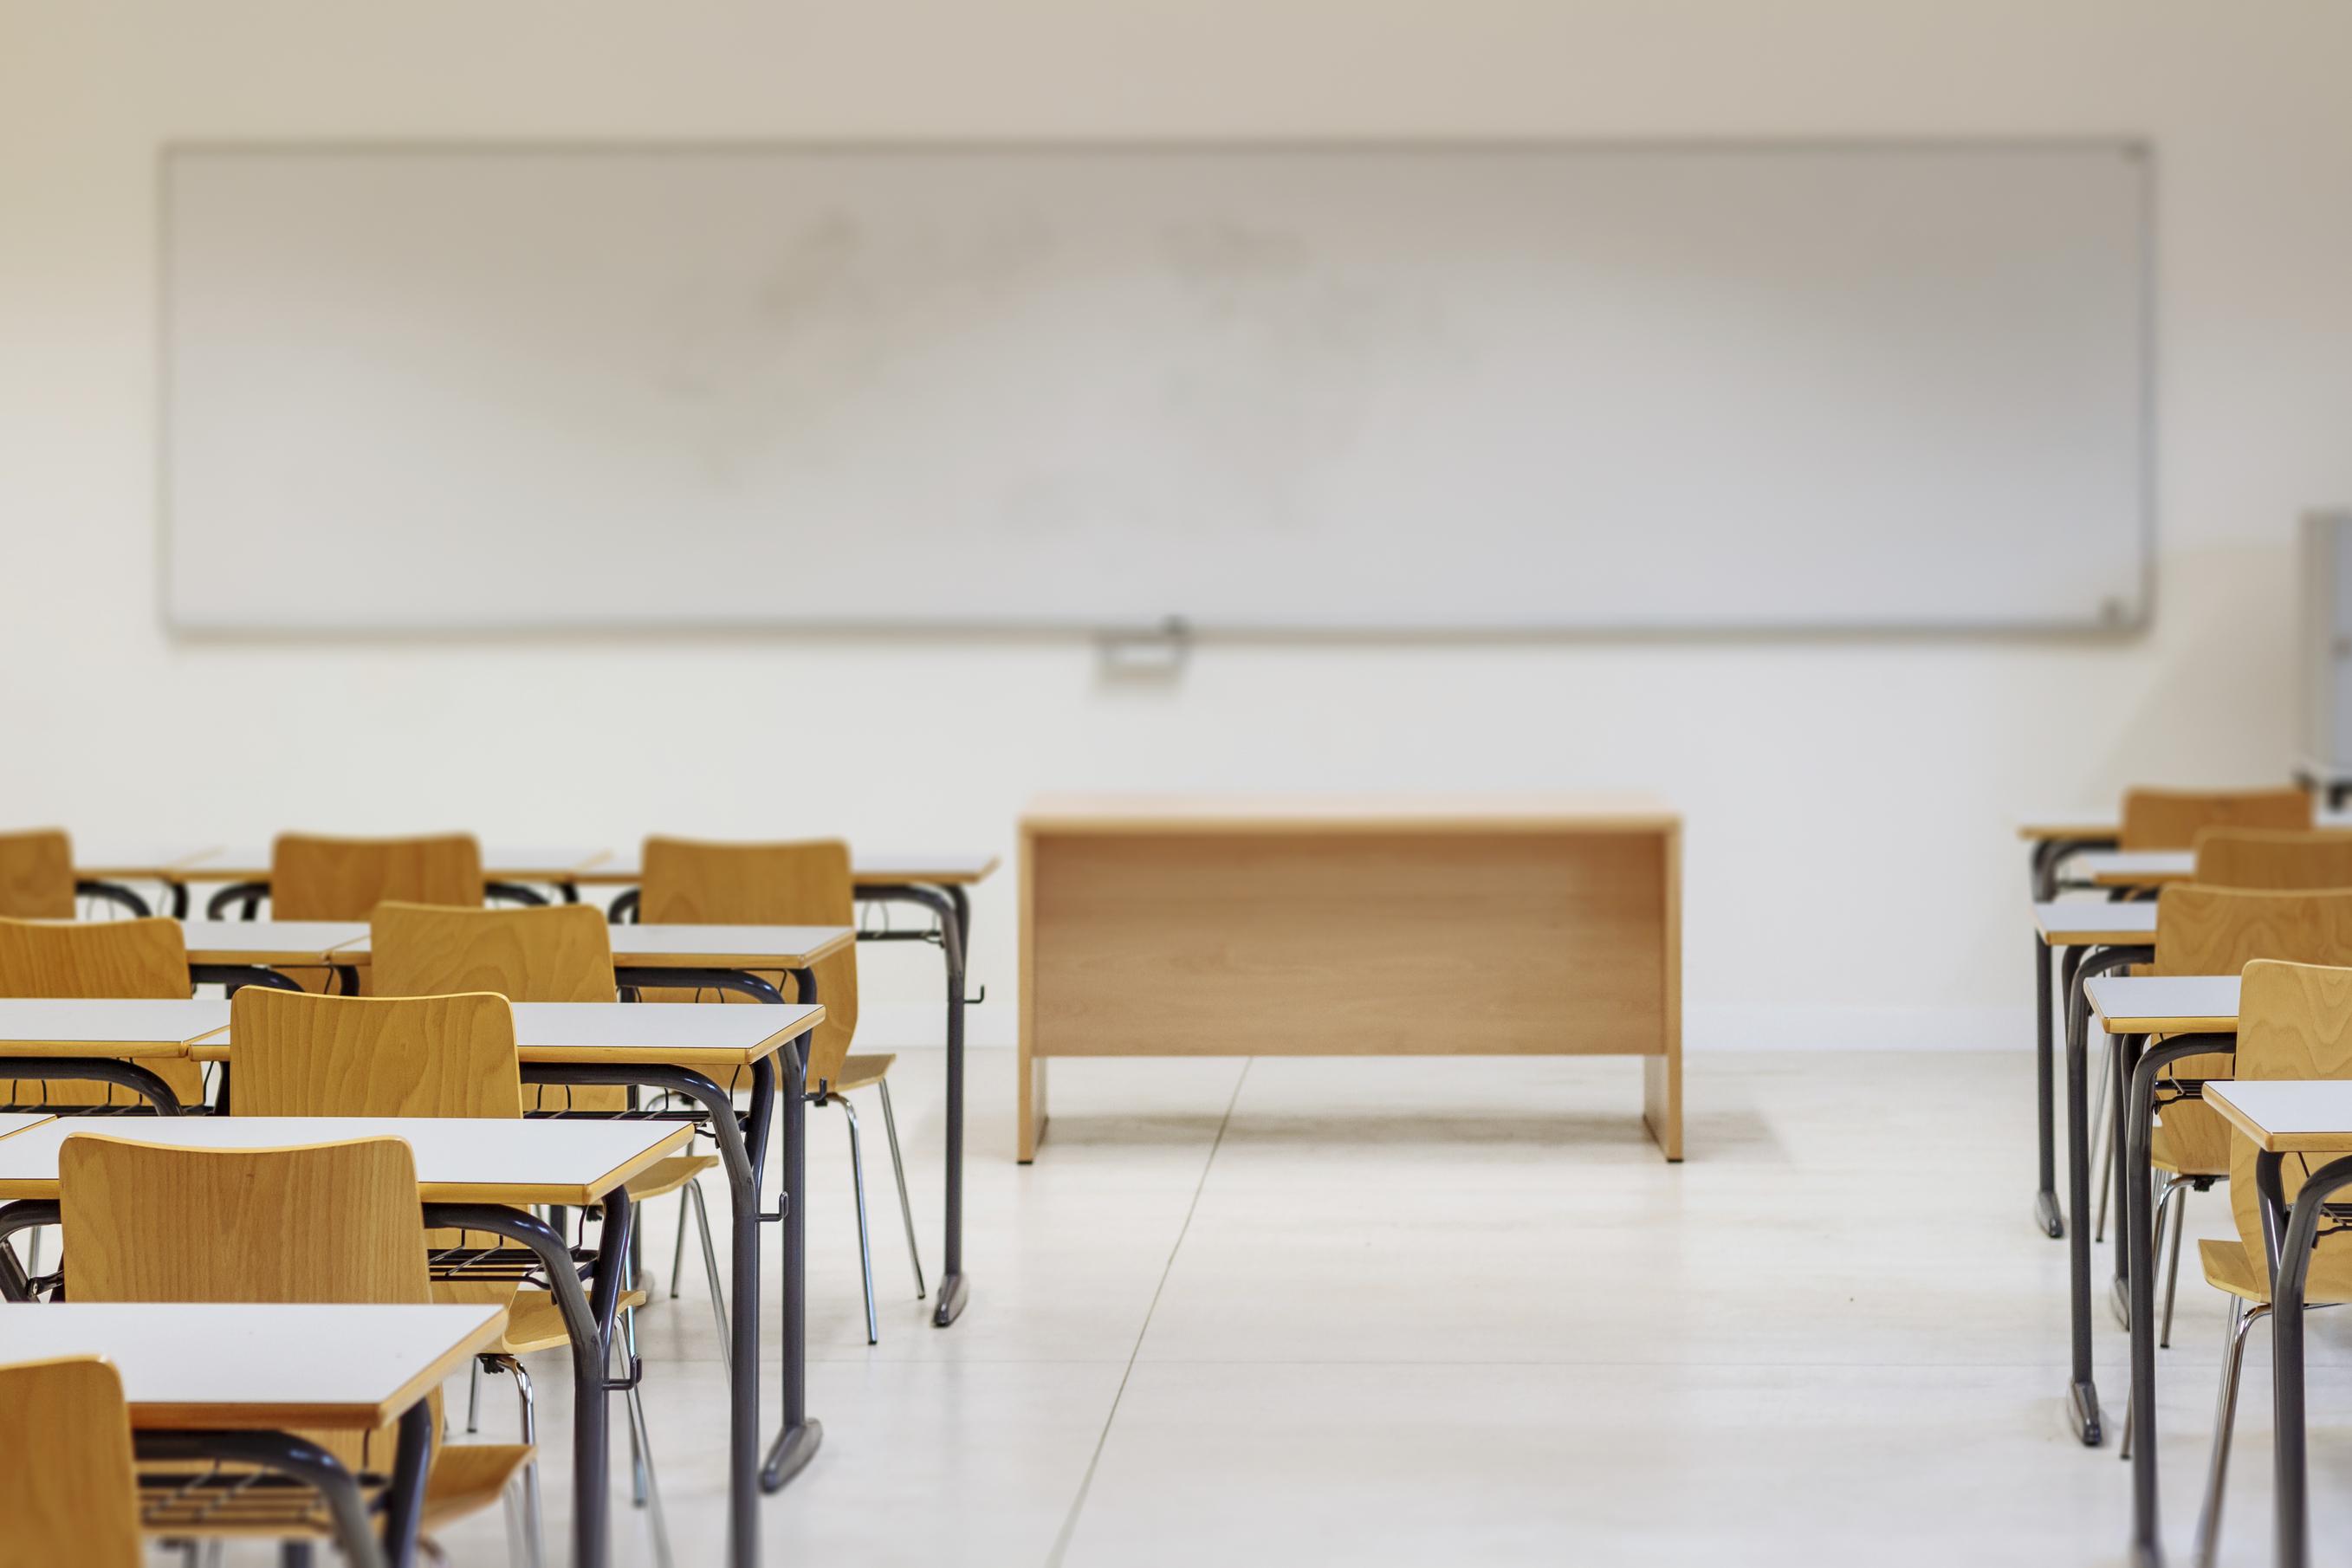 Alunos revistados em sala de aula por sumiço de celular de professora serão indenizados